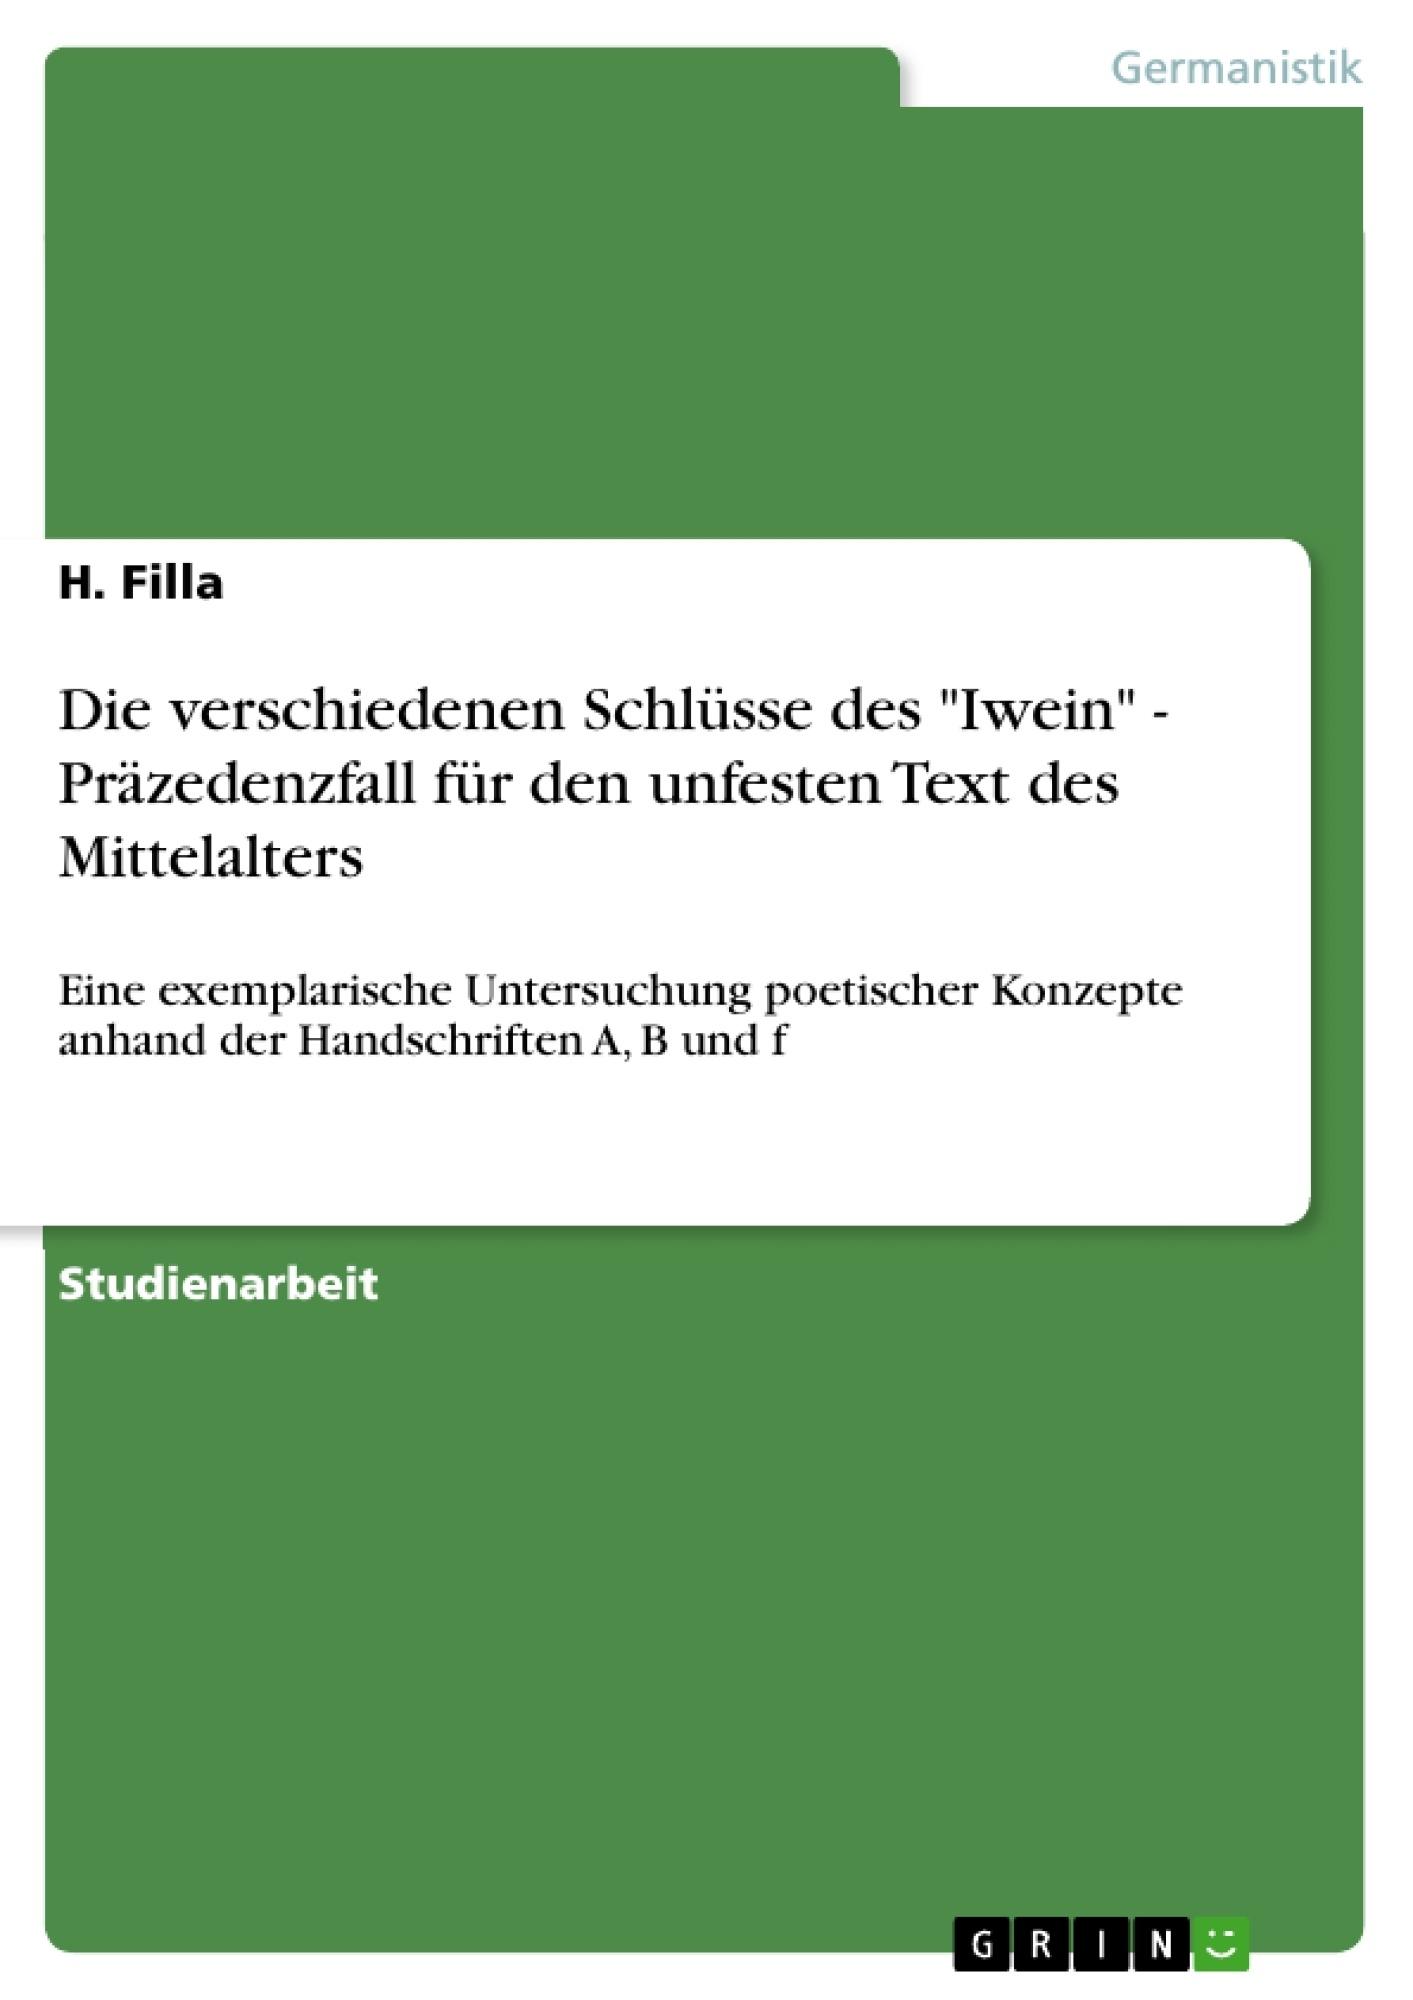 """Titel: Die verschiedenen Schlüsse des """"Iwein"""" - Präzedenzfall für den unfesten Text des Mittelalters"""